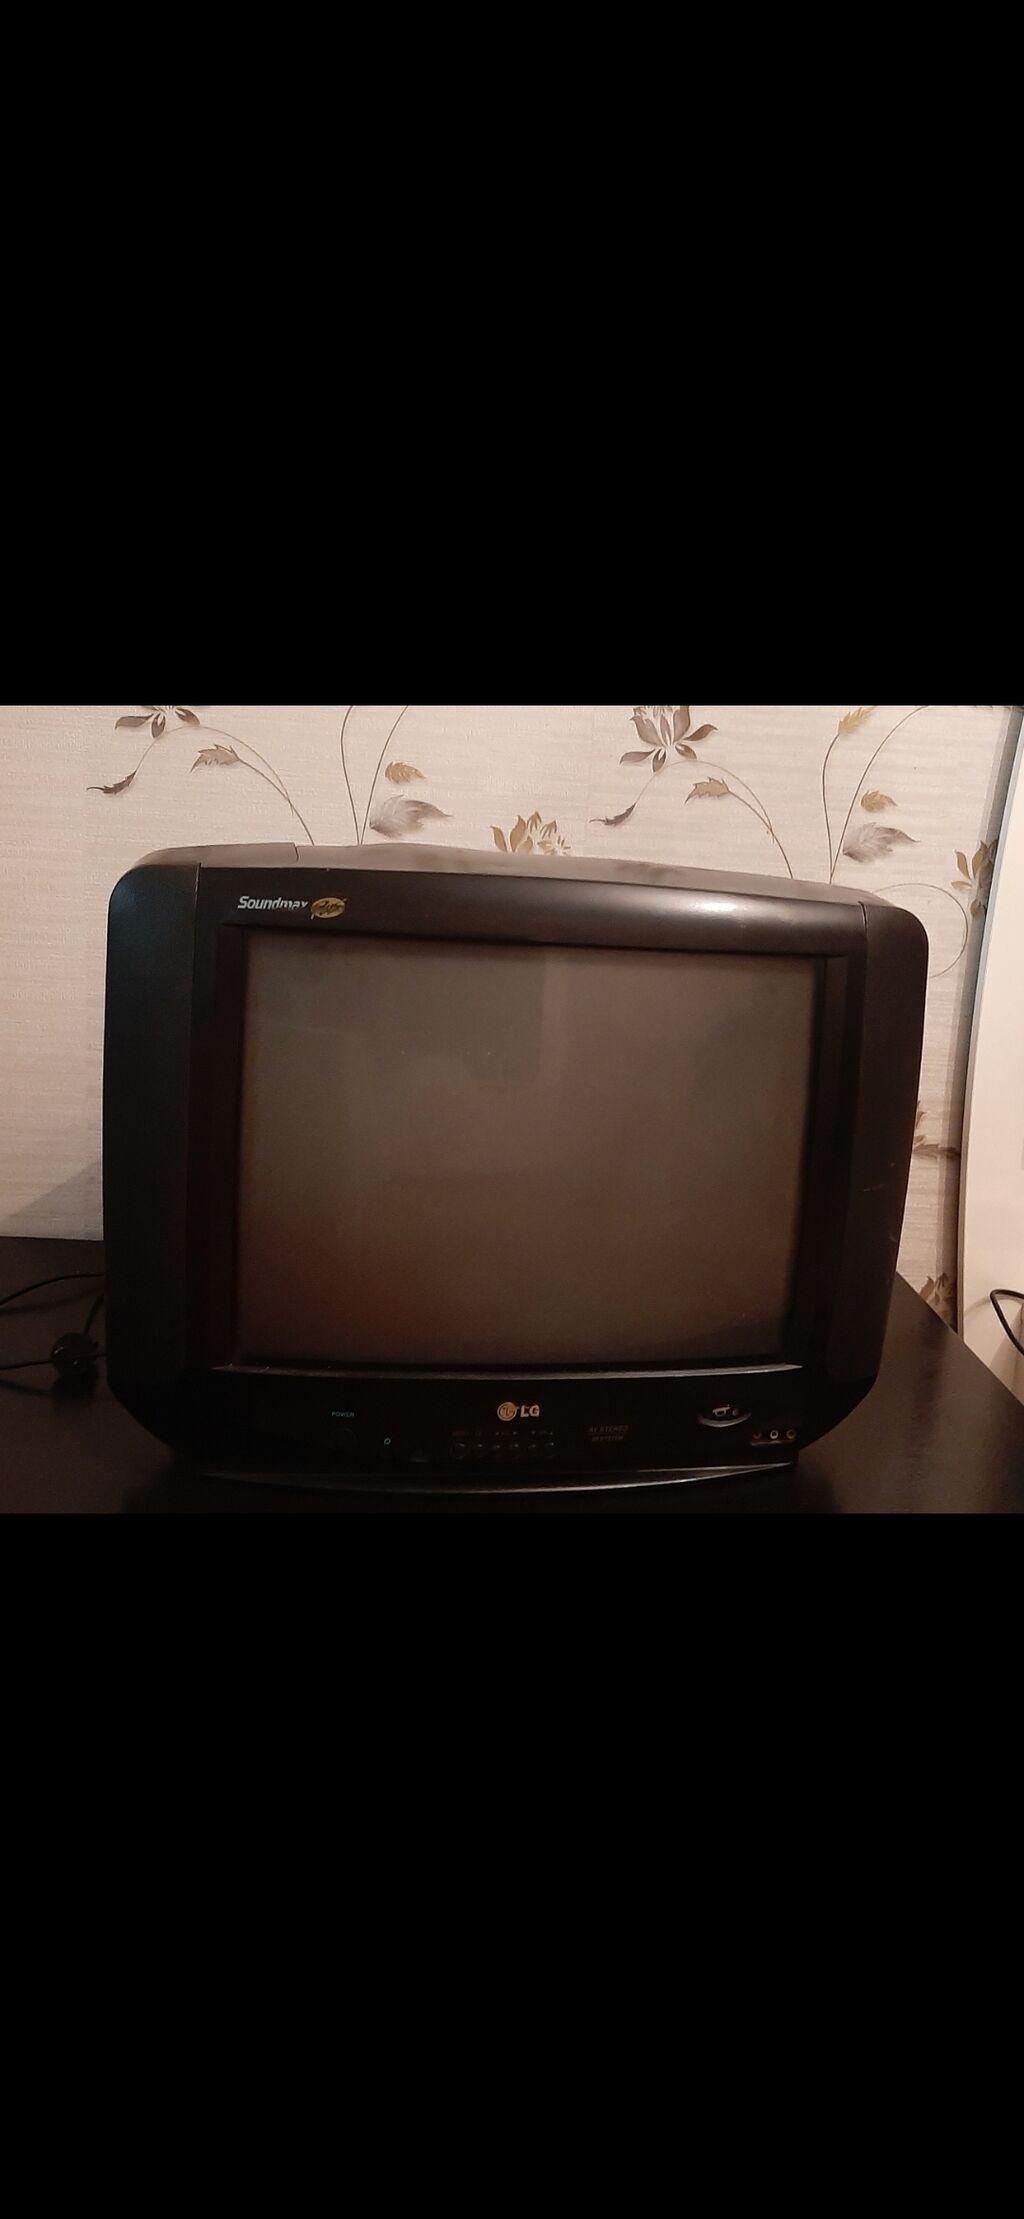 LG televizor İşlək vəziyyətdədir. Heç bir problemi yoxdur: LG televizor İşlək vəziyyətdədir. Heç bir problemi yoxdur